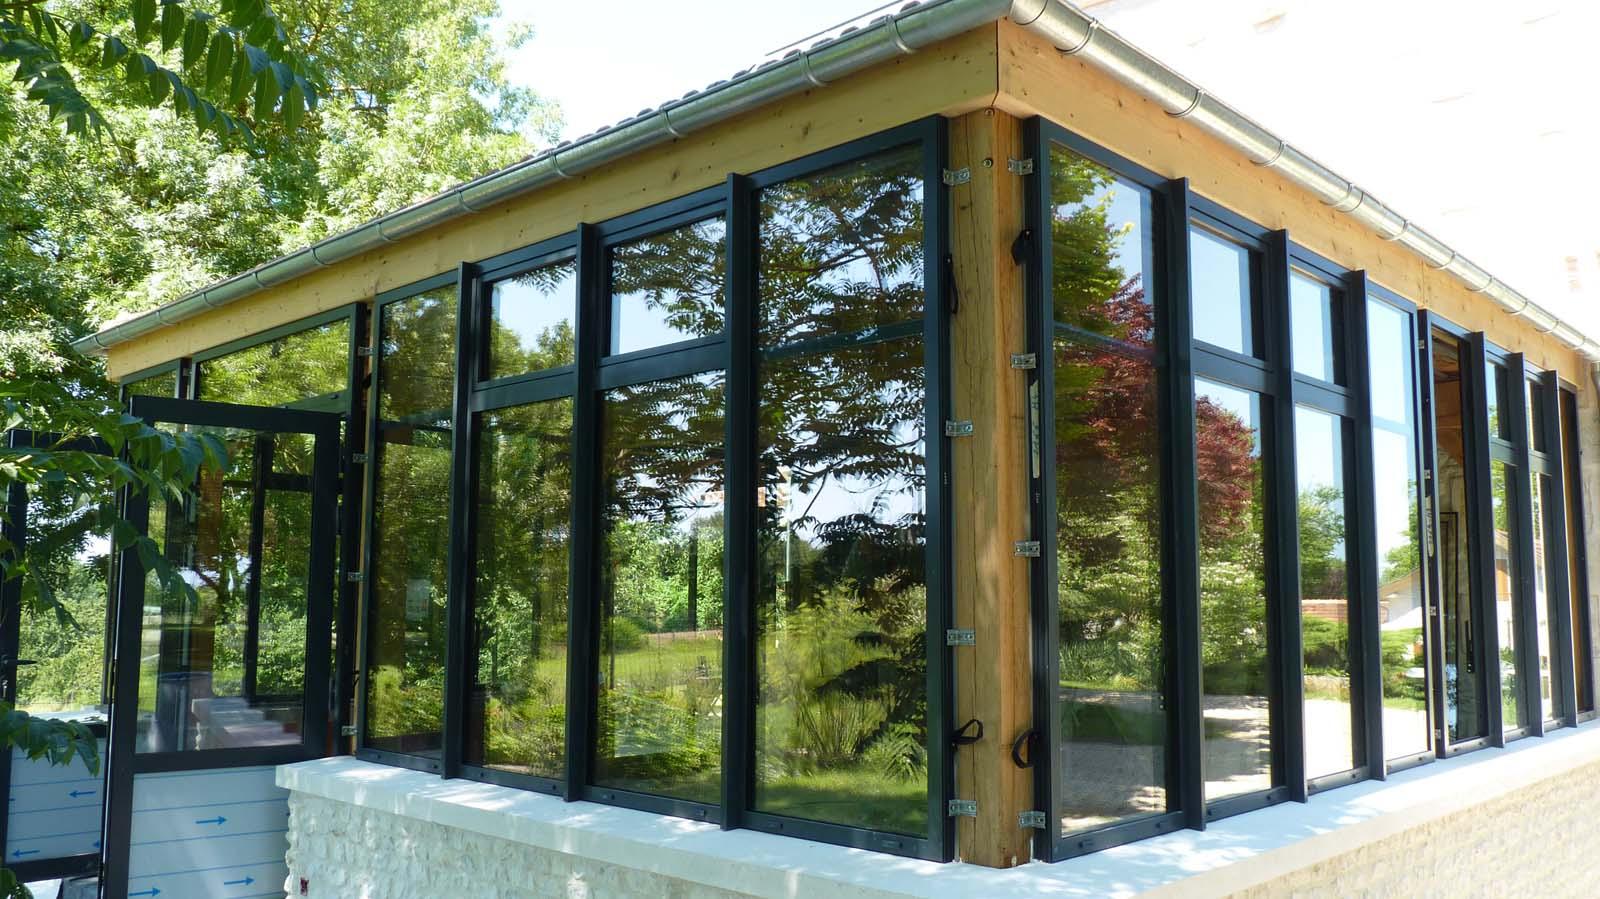 Construction D'un Jardin D'hiver Sur La Commune De Saint ... encequiconcerne Construire Jardin D Hiver